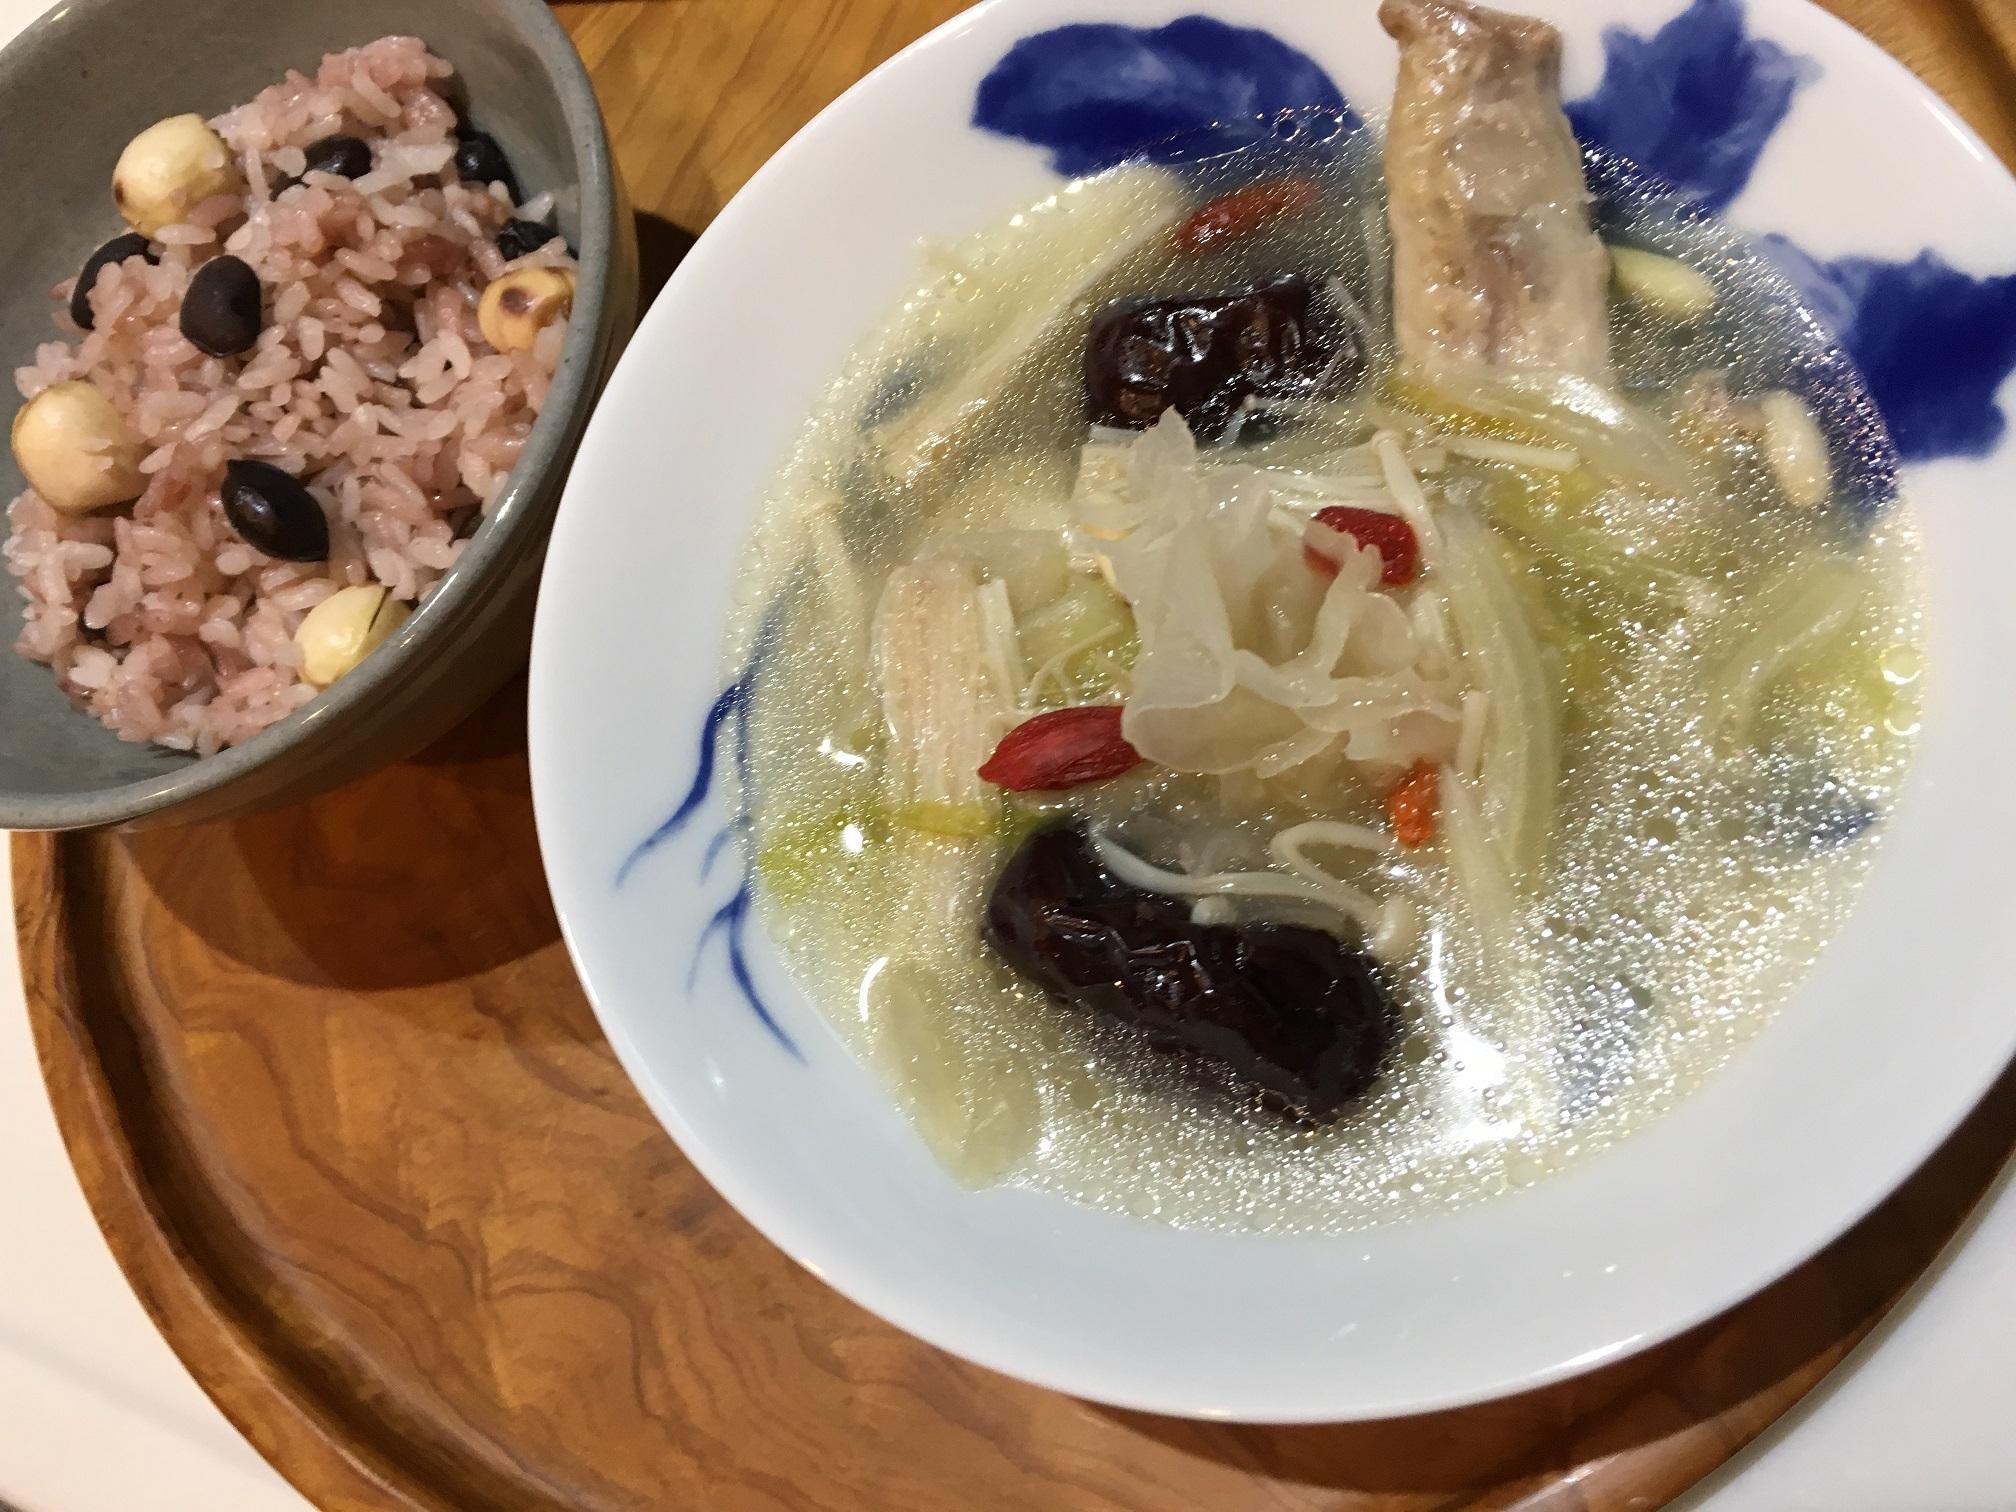 季節の変わり目 自宅でできる 簡単漢方料理で乗り切ります_1_2